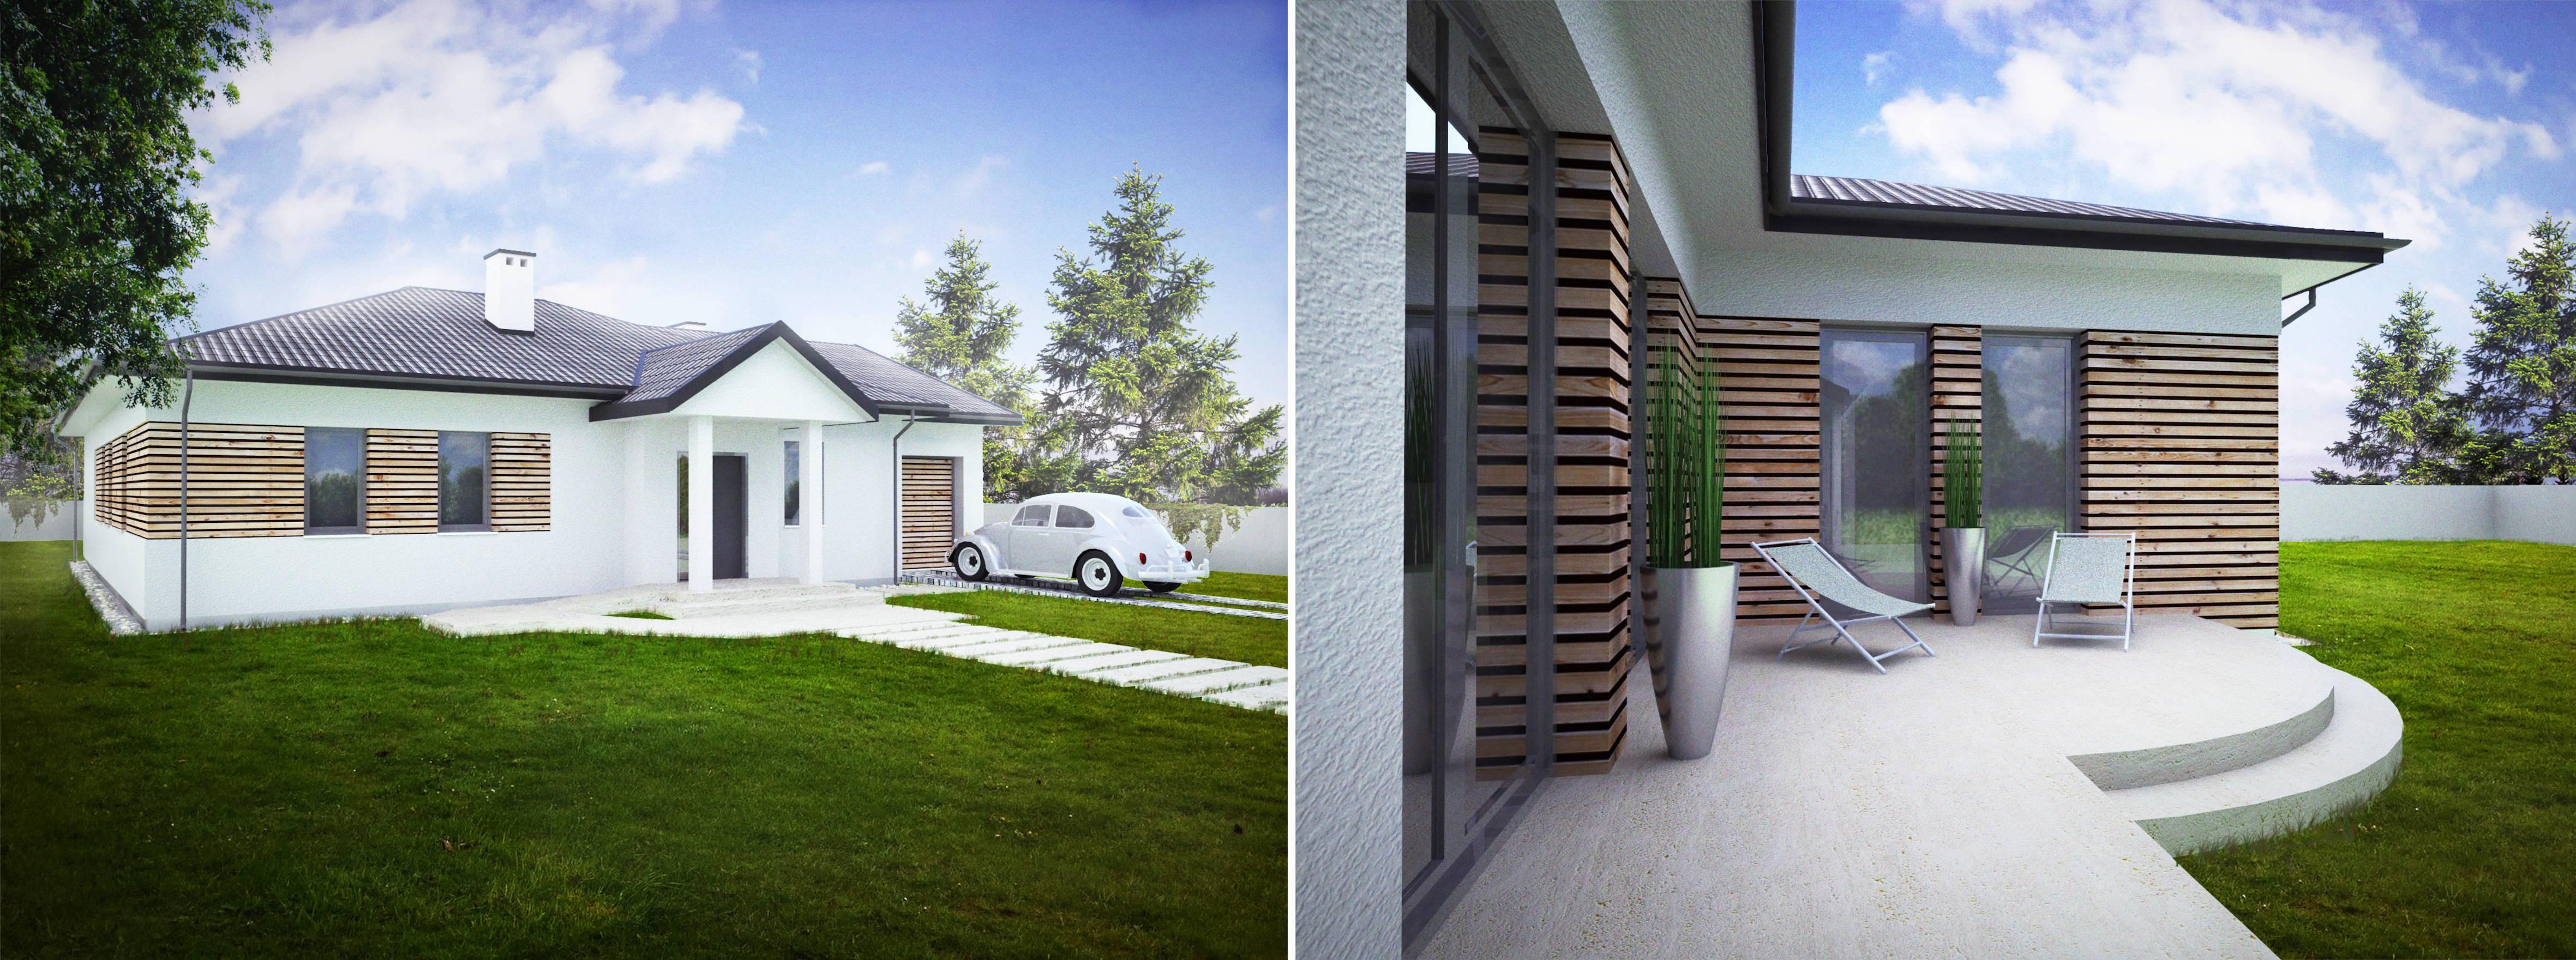 projekty-domow-architekt-lodz